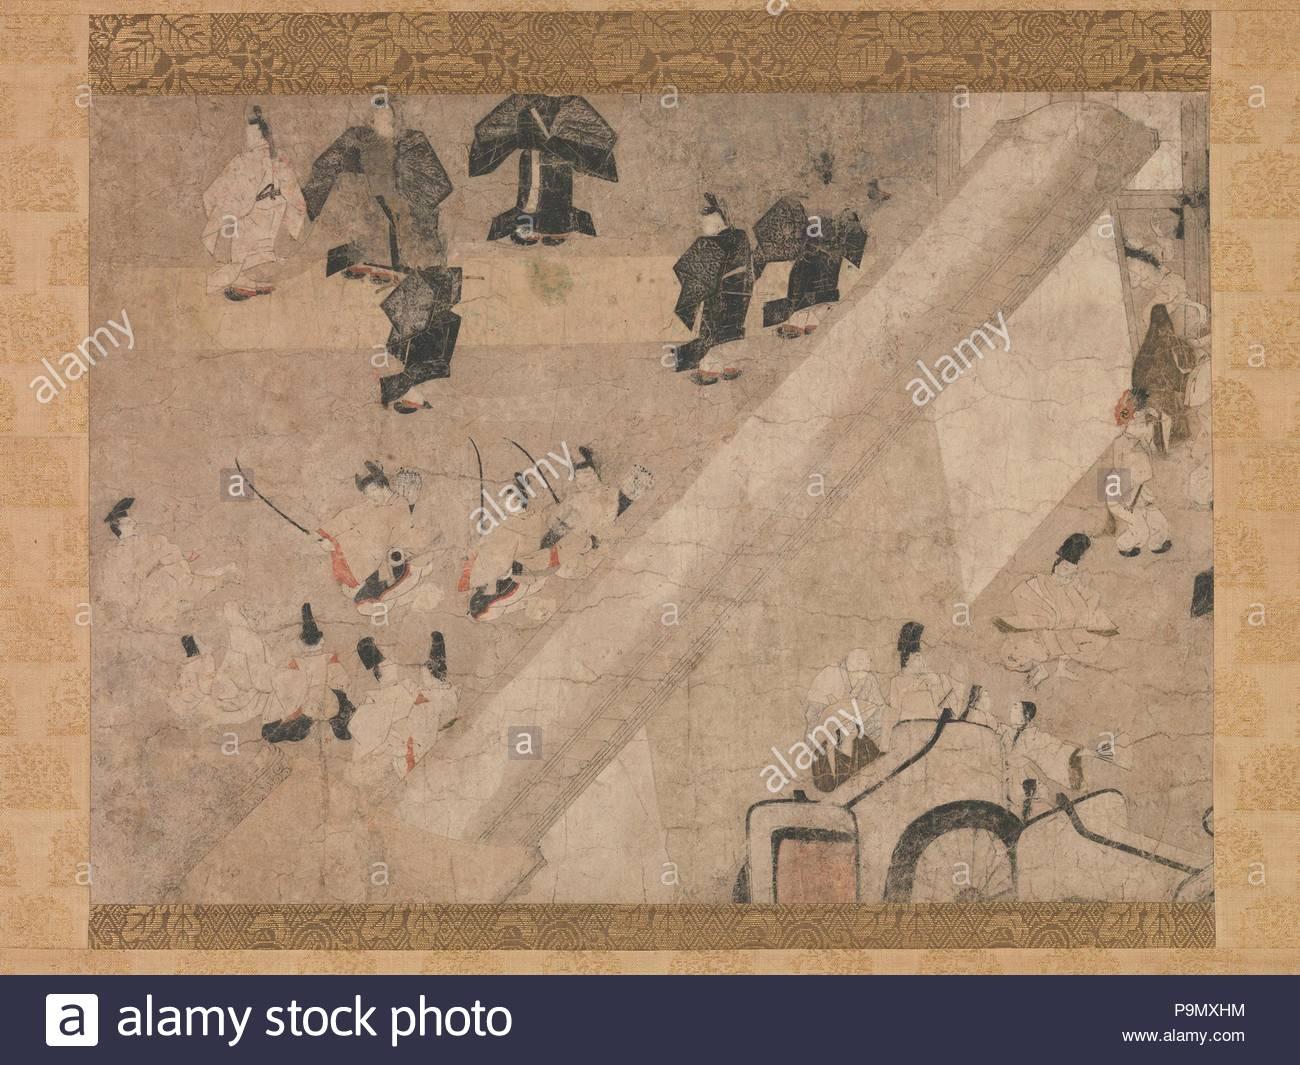 'Visite impériale à la Grande Course de chevaux au Kaya-no-in Mansion' (Kaya-no-dans komakurabe gyoko emaki), de l'histoire de fortune de floraison (Eiga monogatari), de Kamakura (1185-1333), 13e et 14e siècle, le Japon, segment rouleau horizontal monté comme un défilement pendaison; l'encre et couleur sur papier, 12 x 17 7/8 à 13/16. (32,7 x 45,2 cm), peintures, quelques jours à l'automne de 1024 sont le paramètre pour cet épisode de la quasi-historique chronique de la vie de Fujiwara Michinaga (966-1027), la grande époque Heian-court homme politique et mécène. Photo Stock